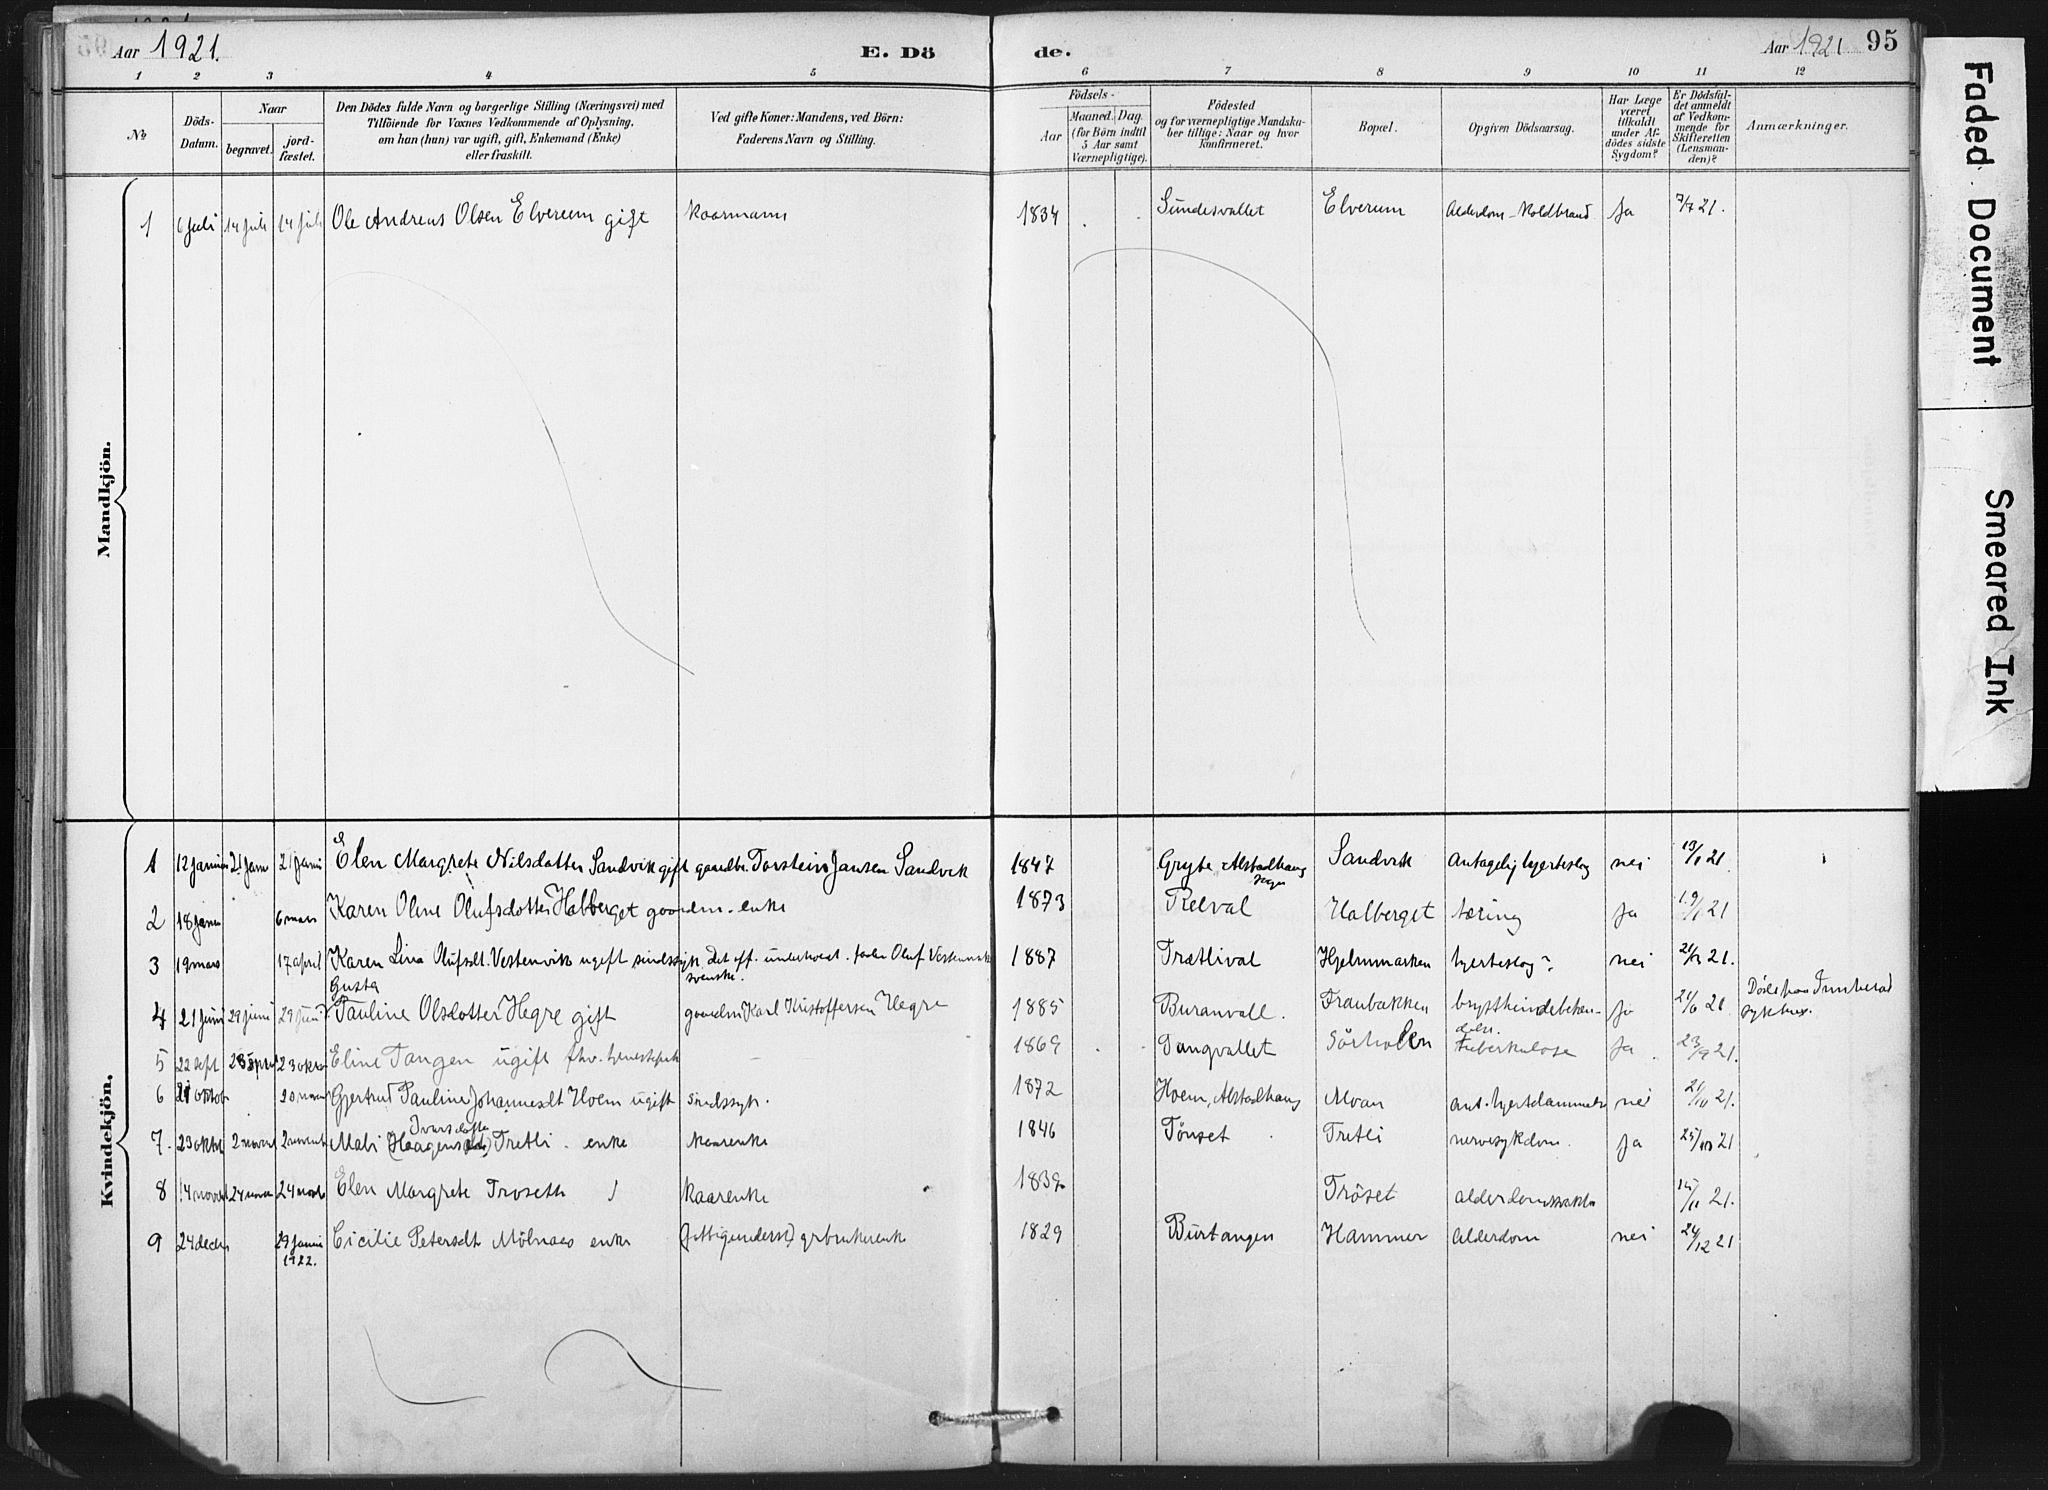 SAT, Ministerialprotokoller, klokkerbøker og fødselsregistre - Nord-Trøndelag, 718/L0175: Ministerialbok nr. 718A01, 1890-1923, s. 95